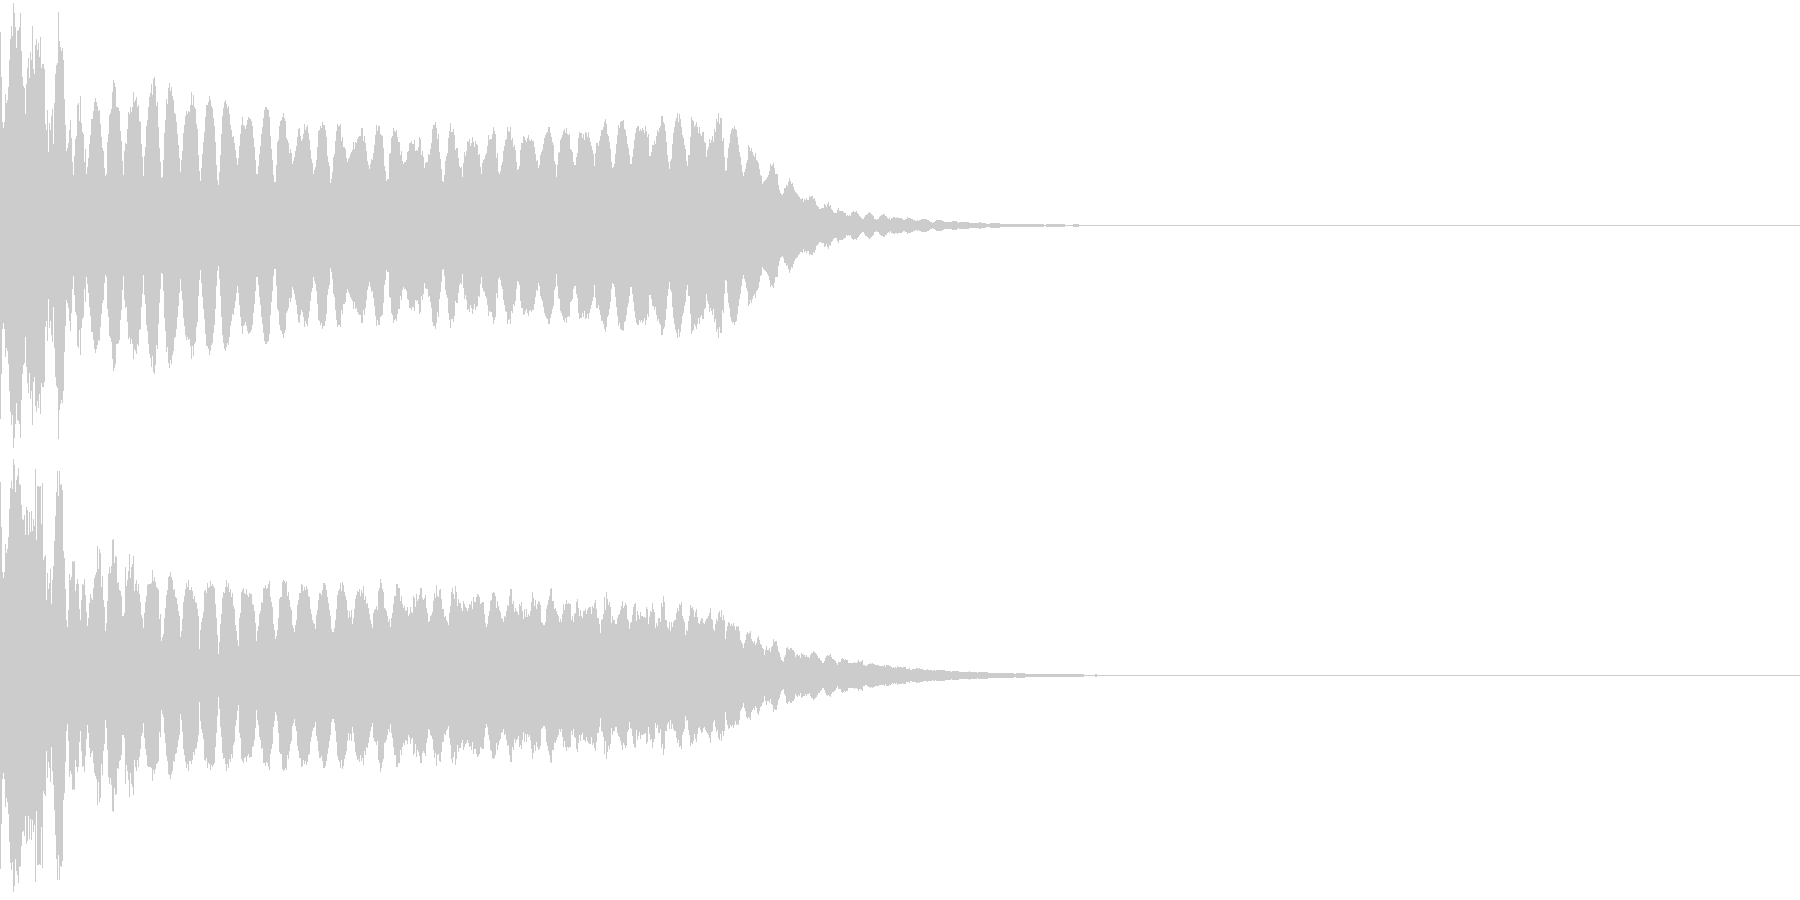 キュイン ボタン ピキーン キーン 31の未再生の波形